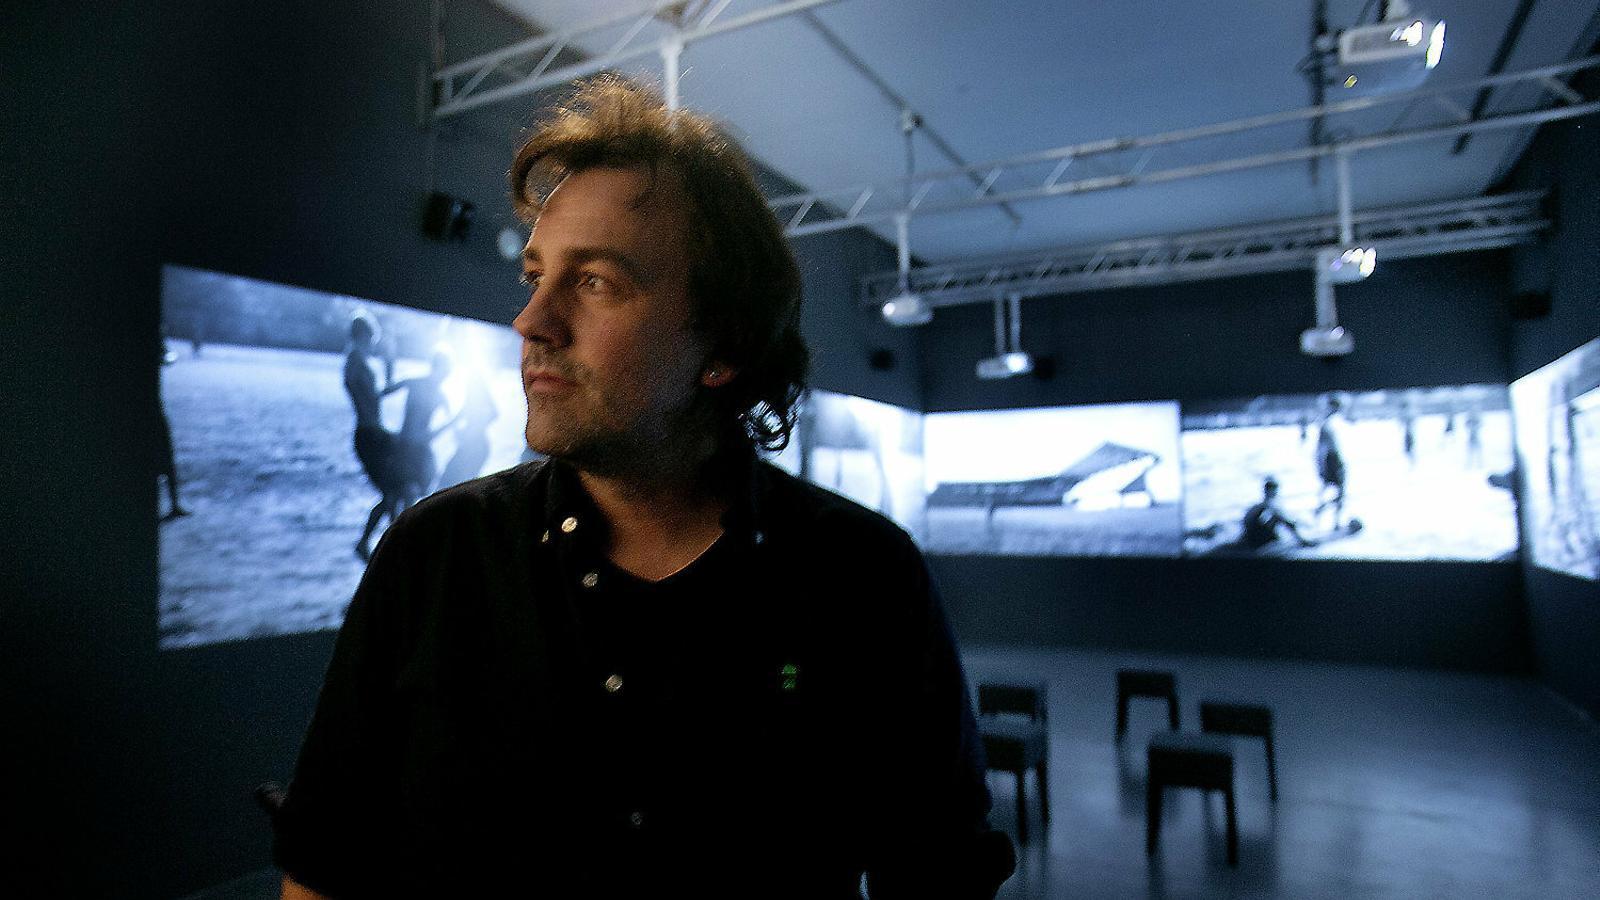 01. Isaki Lacuesta a la instal·lació Les imatges eco. 02. La tercera cara de la lluna. 03. Algunes fotografies de la col·lecció de l'artista.